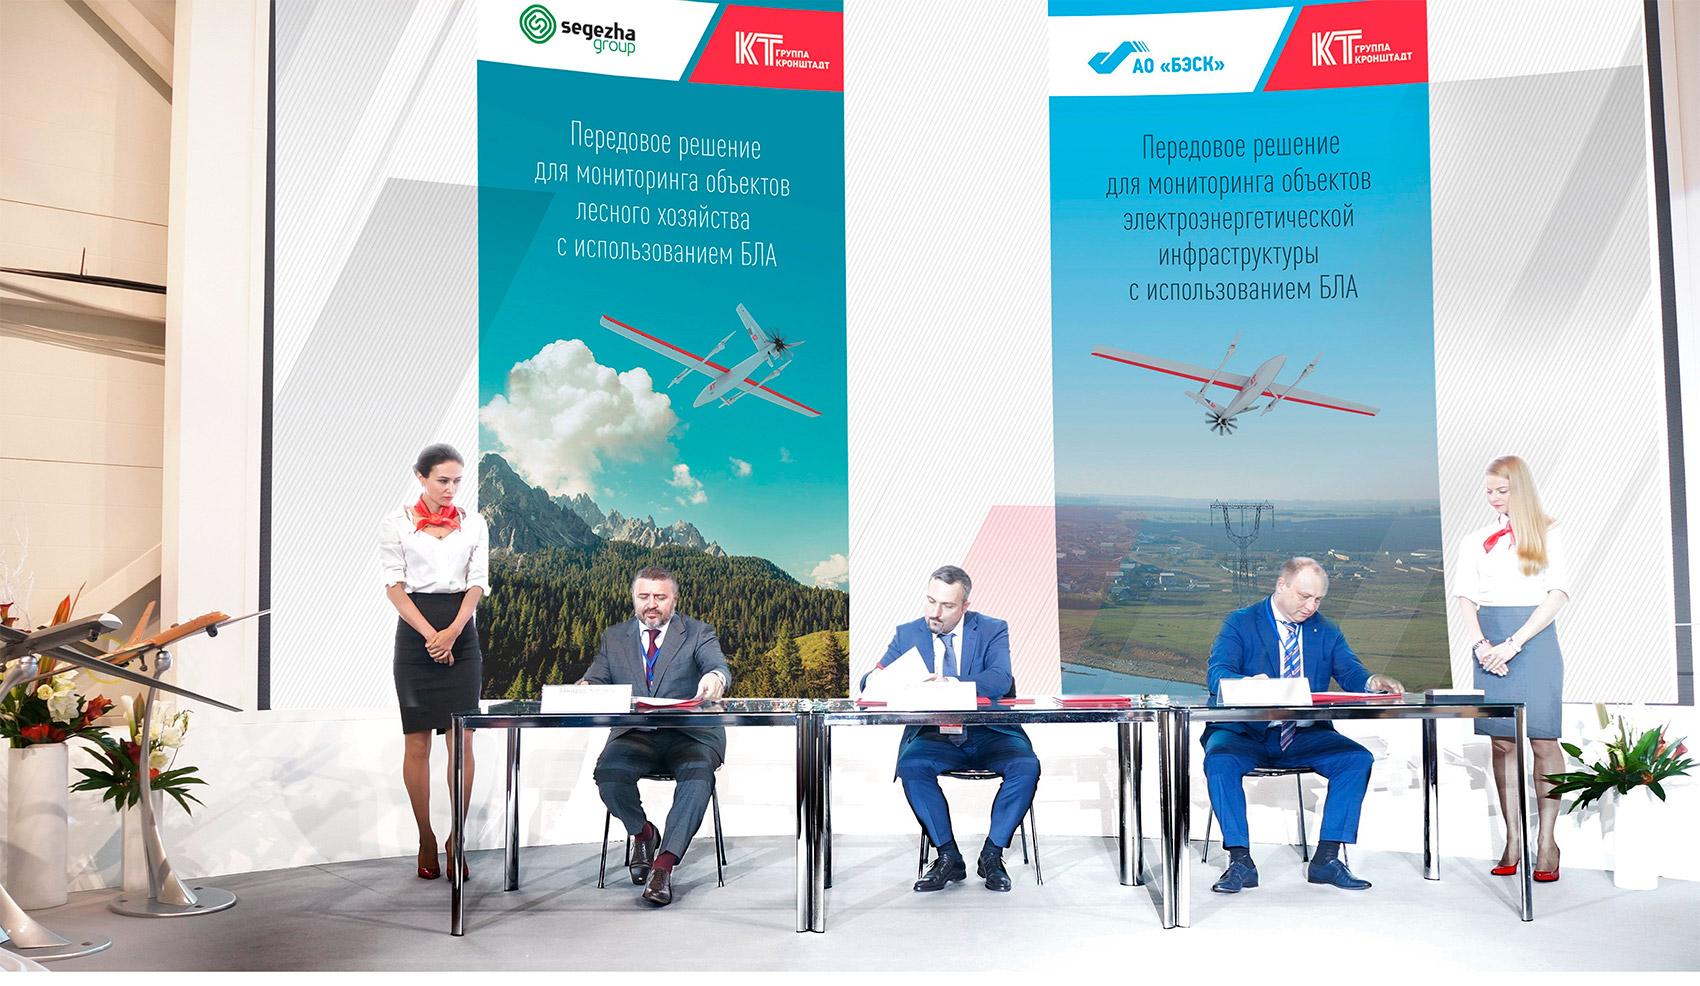 Подписание соглашения о сотрудничестве между Группой «Кронштадт» и АО «Башкирская электросетевая компания».